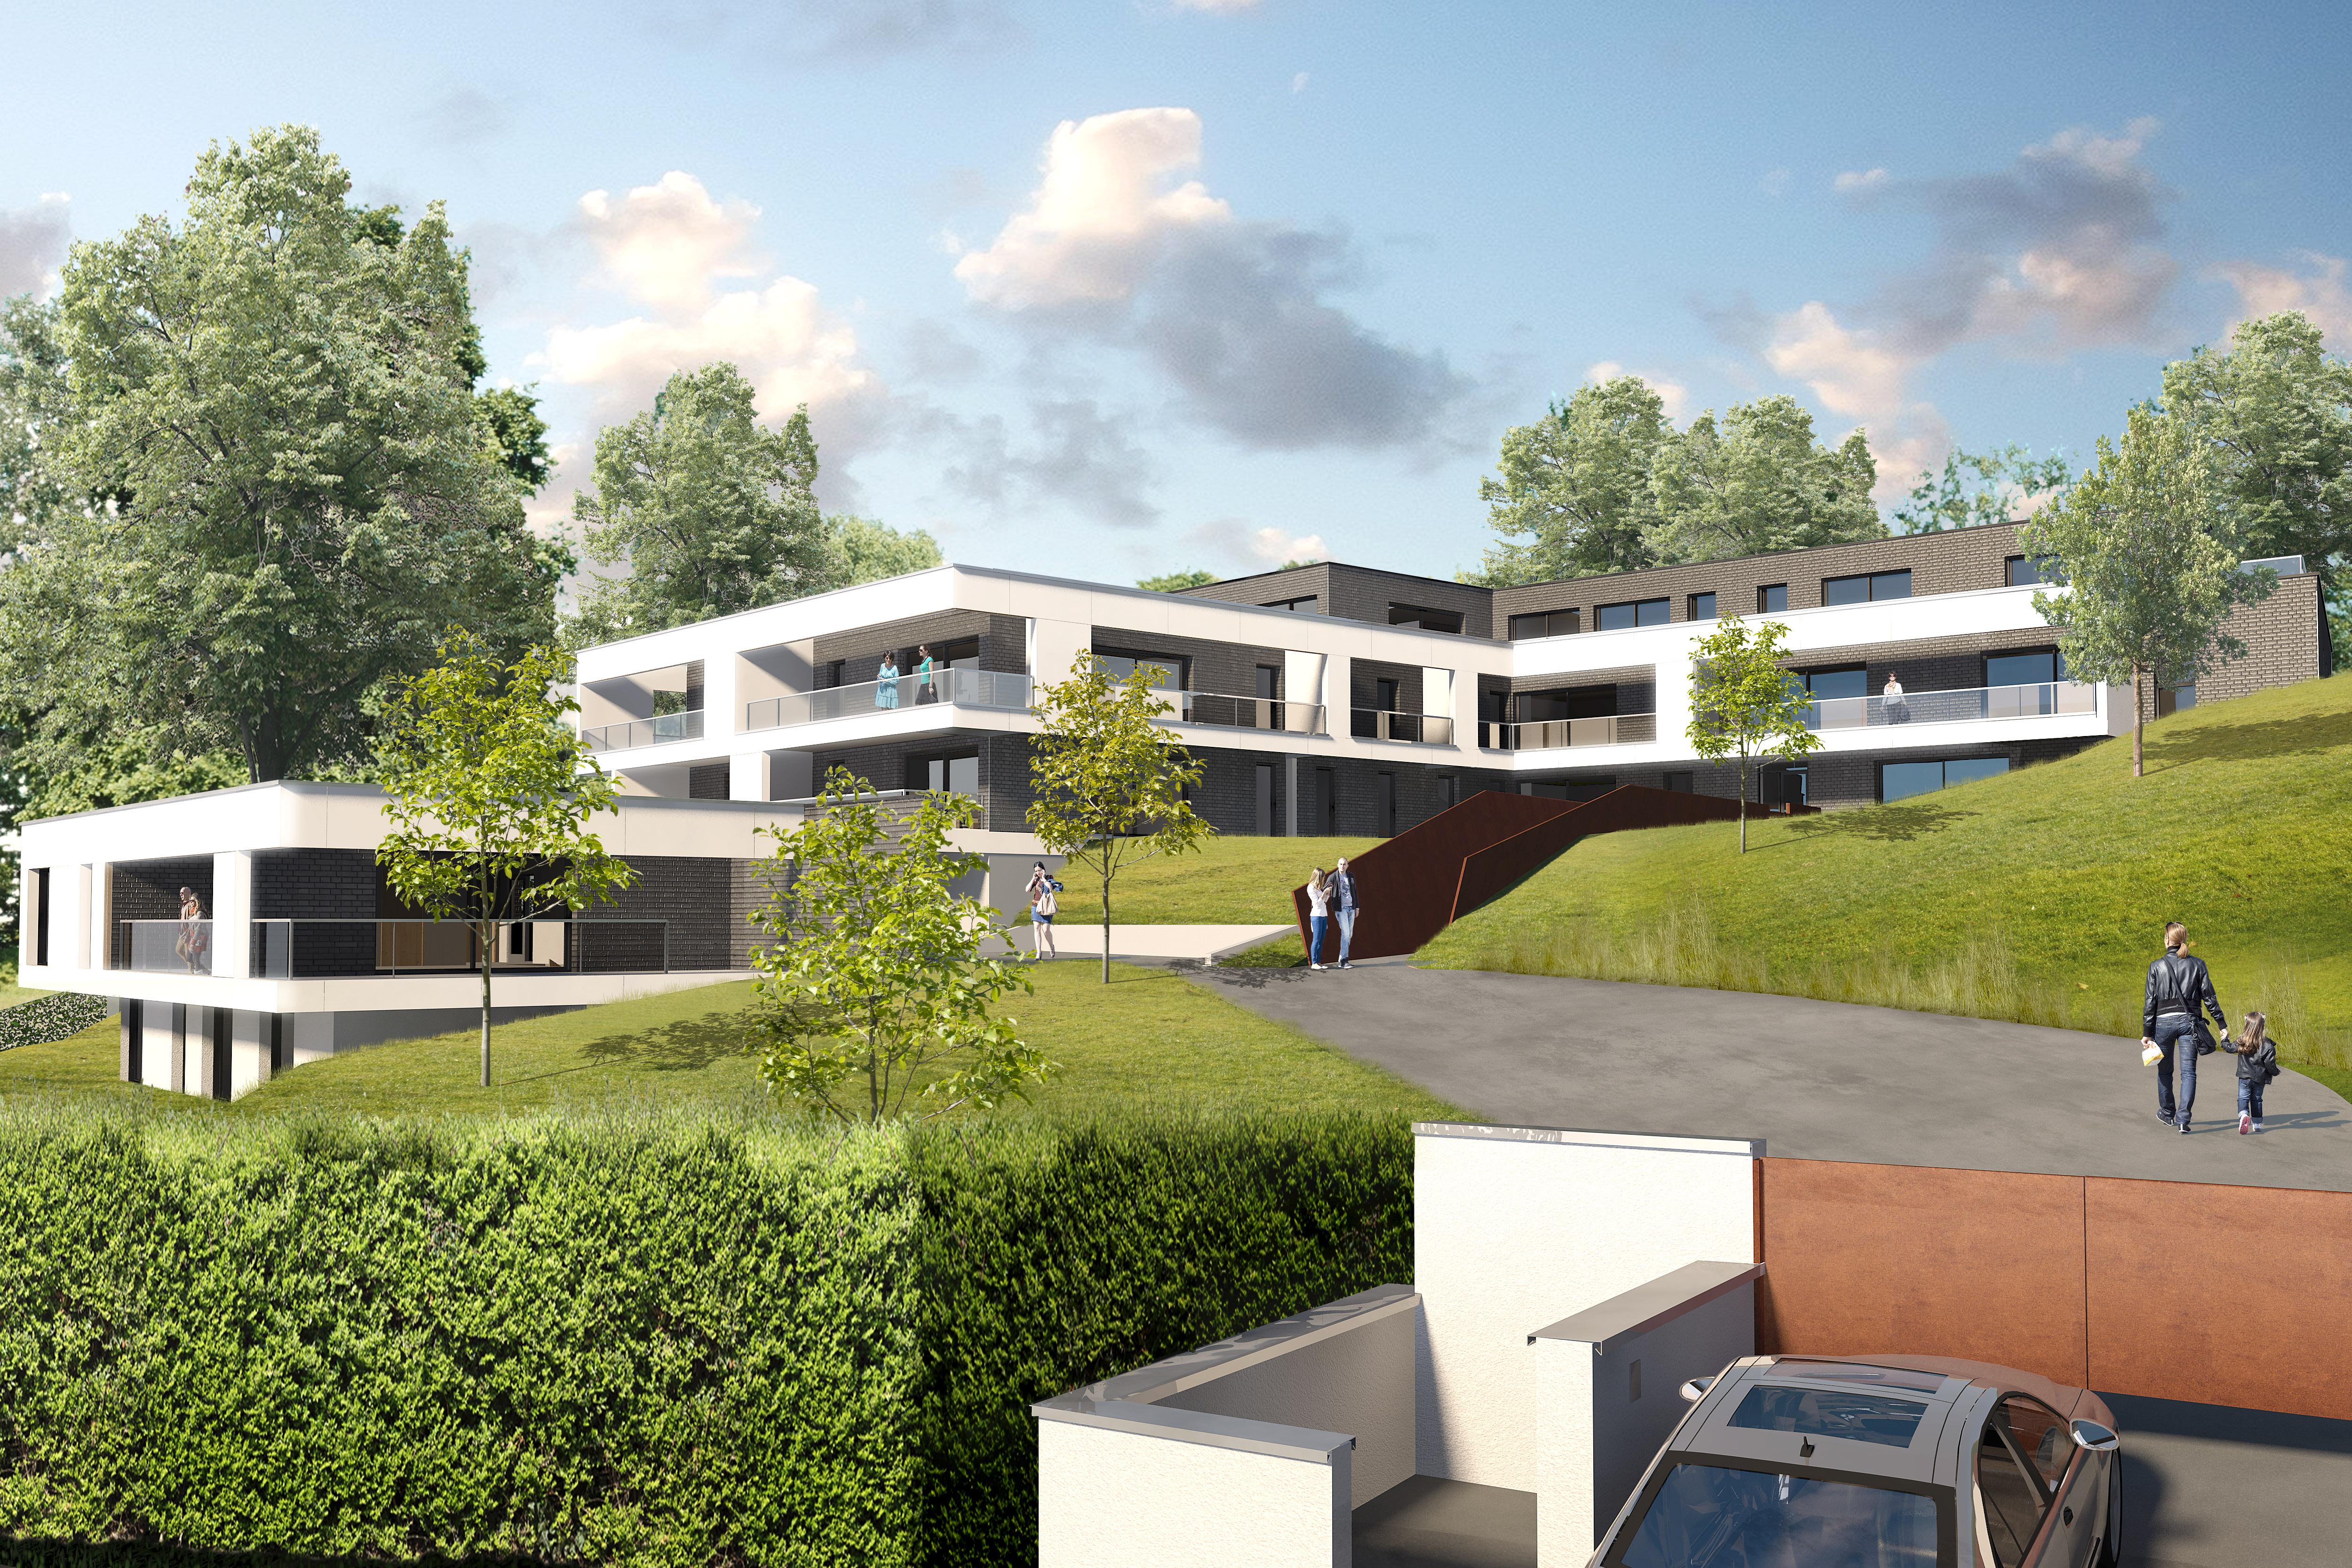 Vente -   Maison - 5 pièce(s) - 203 m²    Mont-saint-aignan (76)